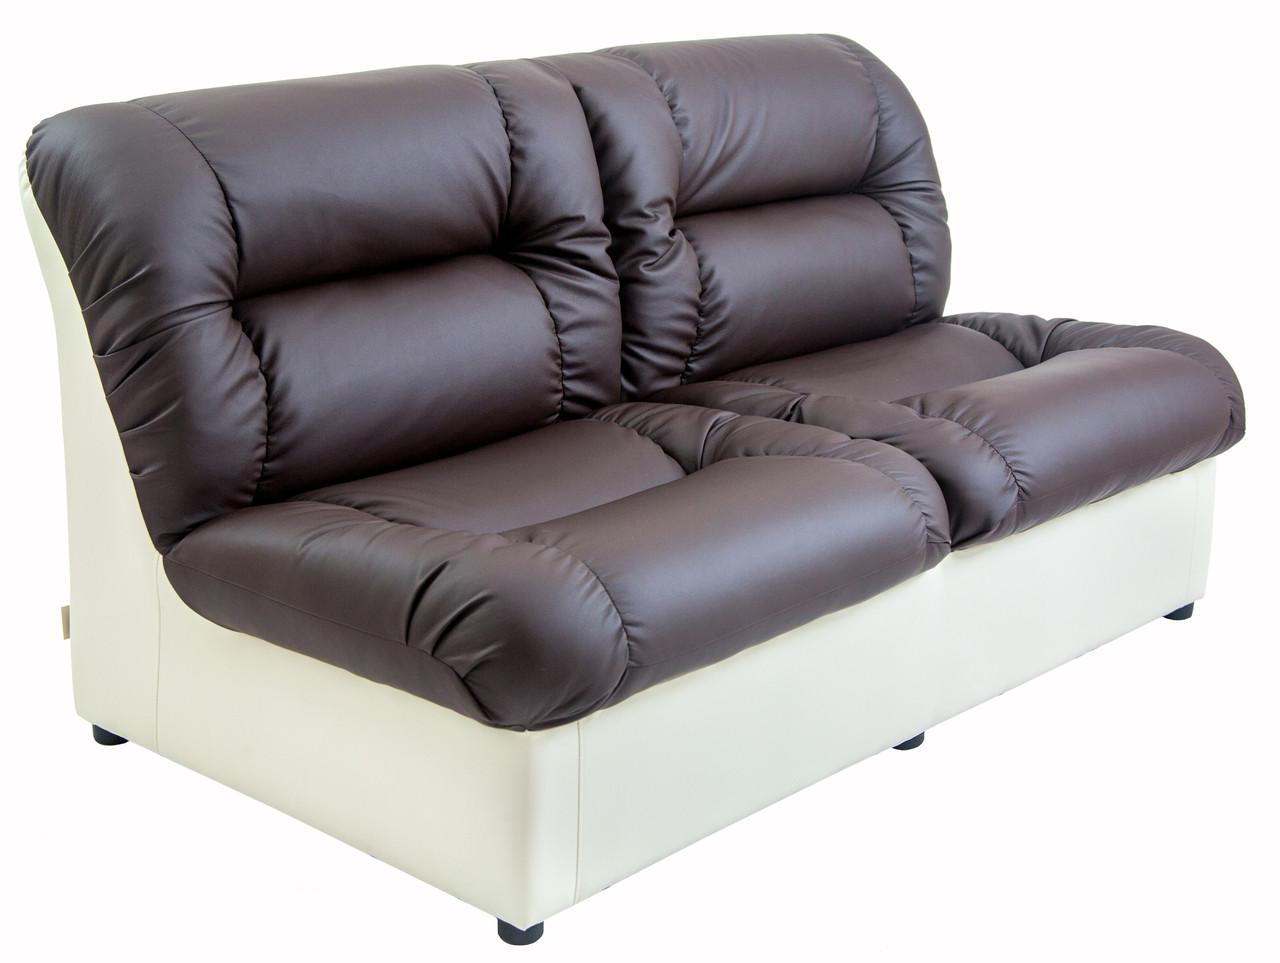 Офисный диван Визит 2 места 2231-1